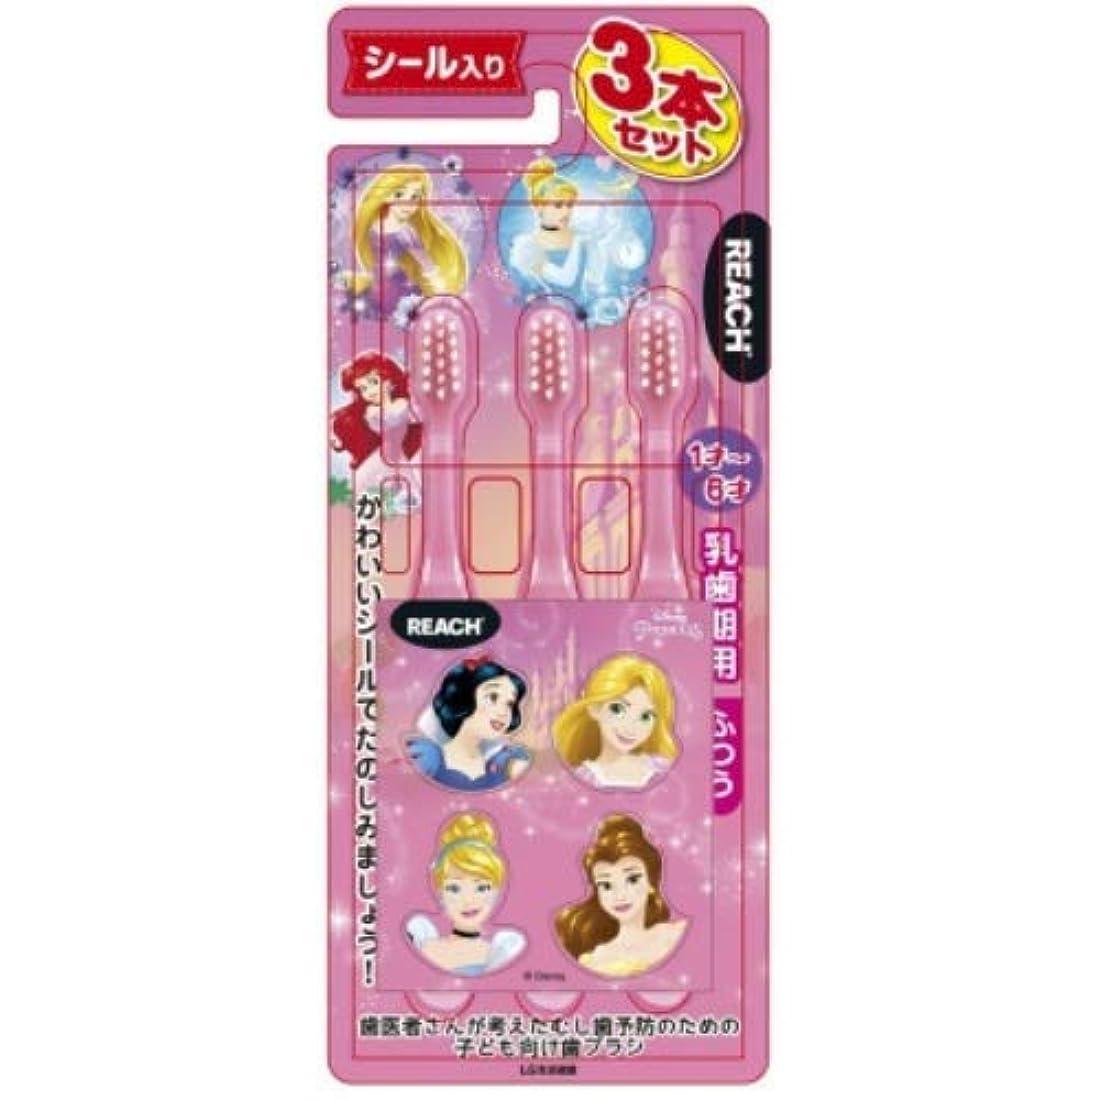 困惑した三番寺院リーチキッズ3本(シール入り) プリンセス 乳歯期用 × 10個セット